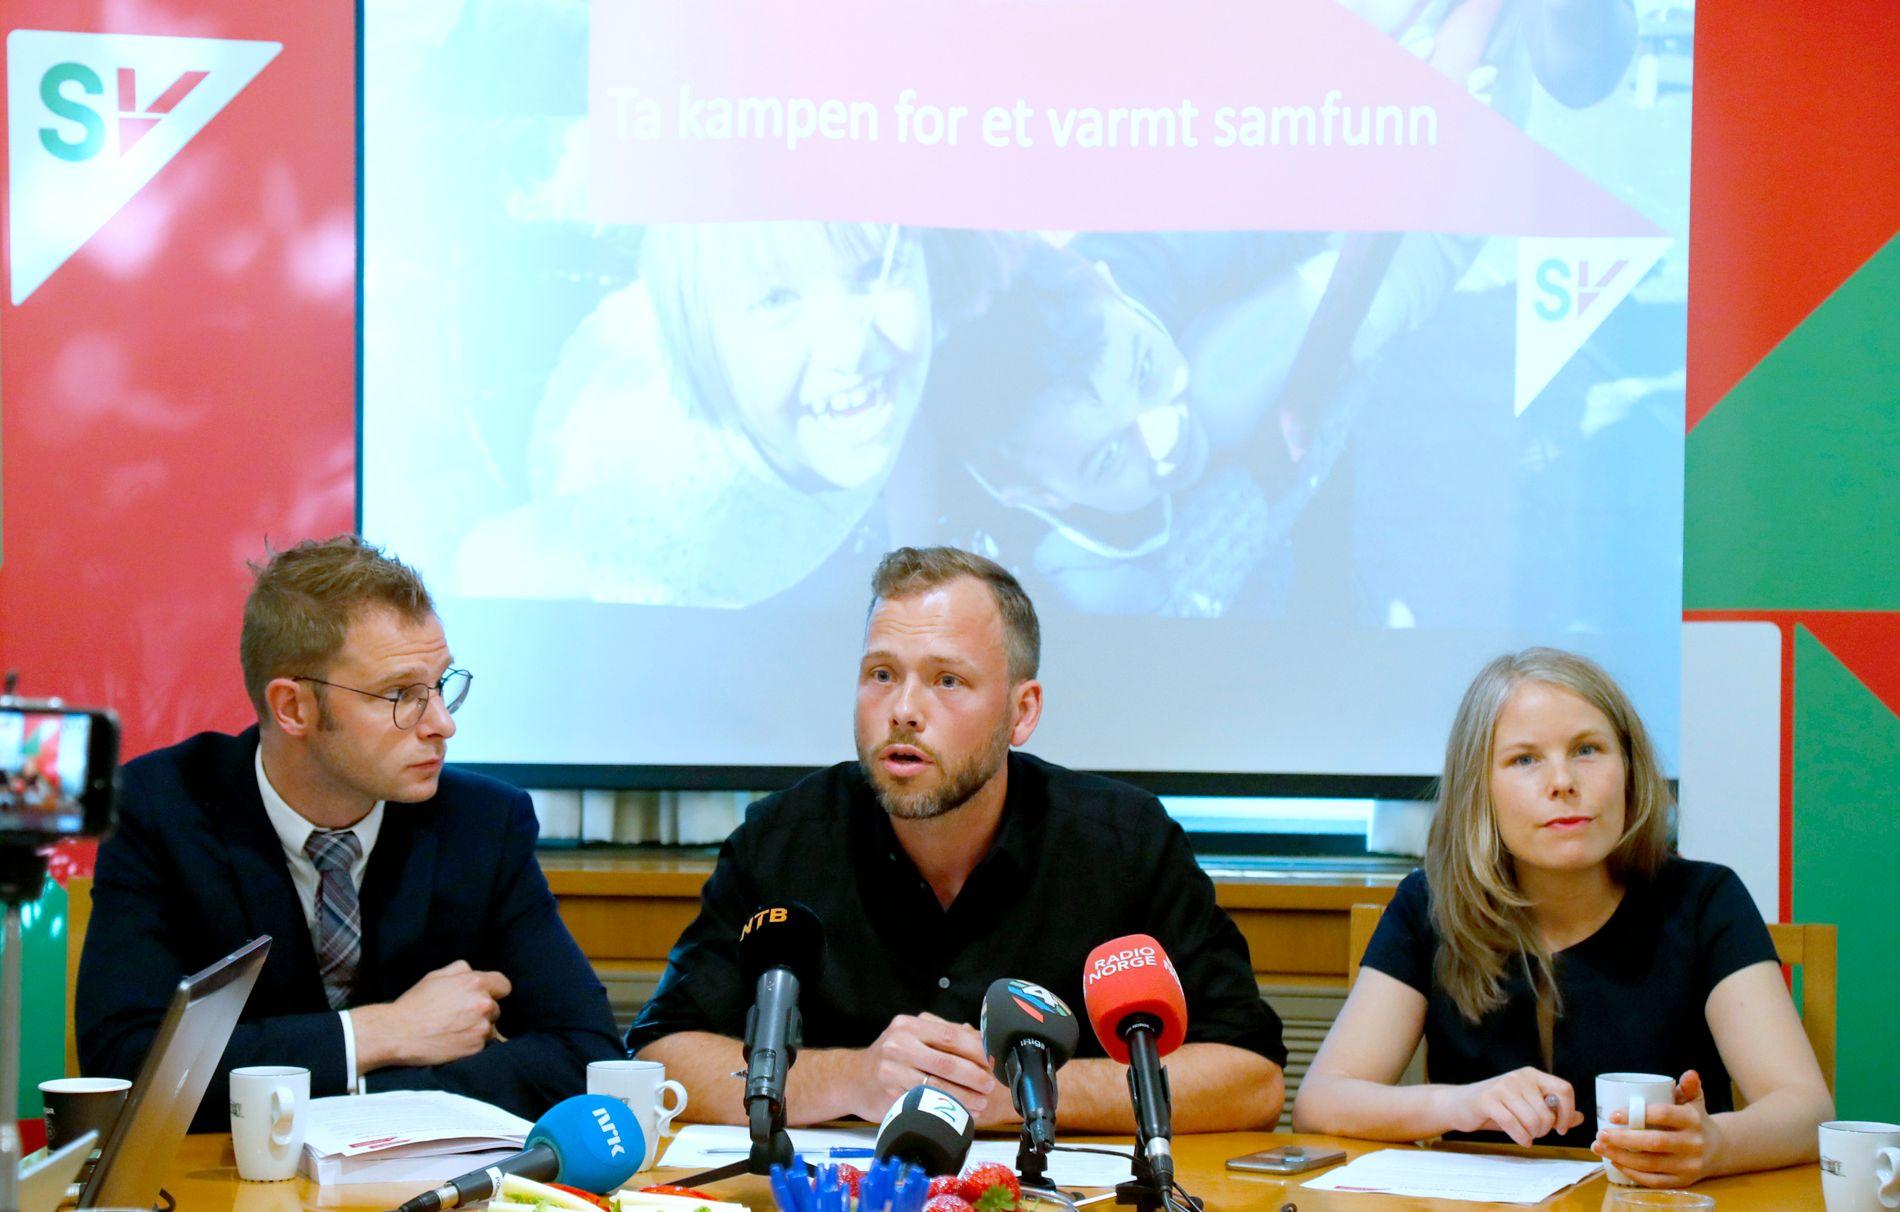 NESTLEDERE: Partileder Audun Lysbakken i SV, flanket av dagens nestlede Snorre Valen og Kirsti Bergstø.